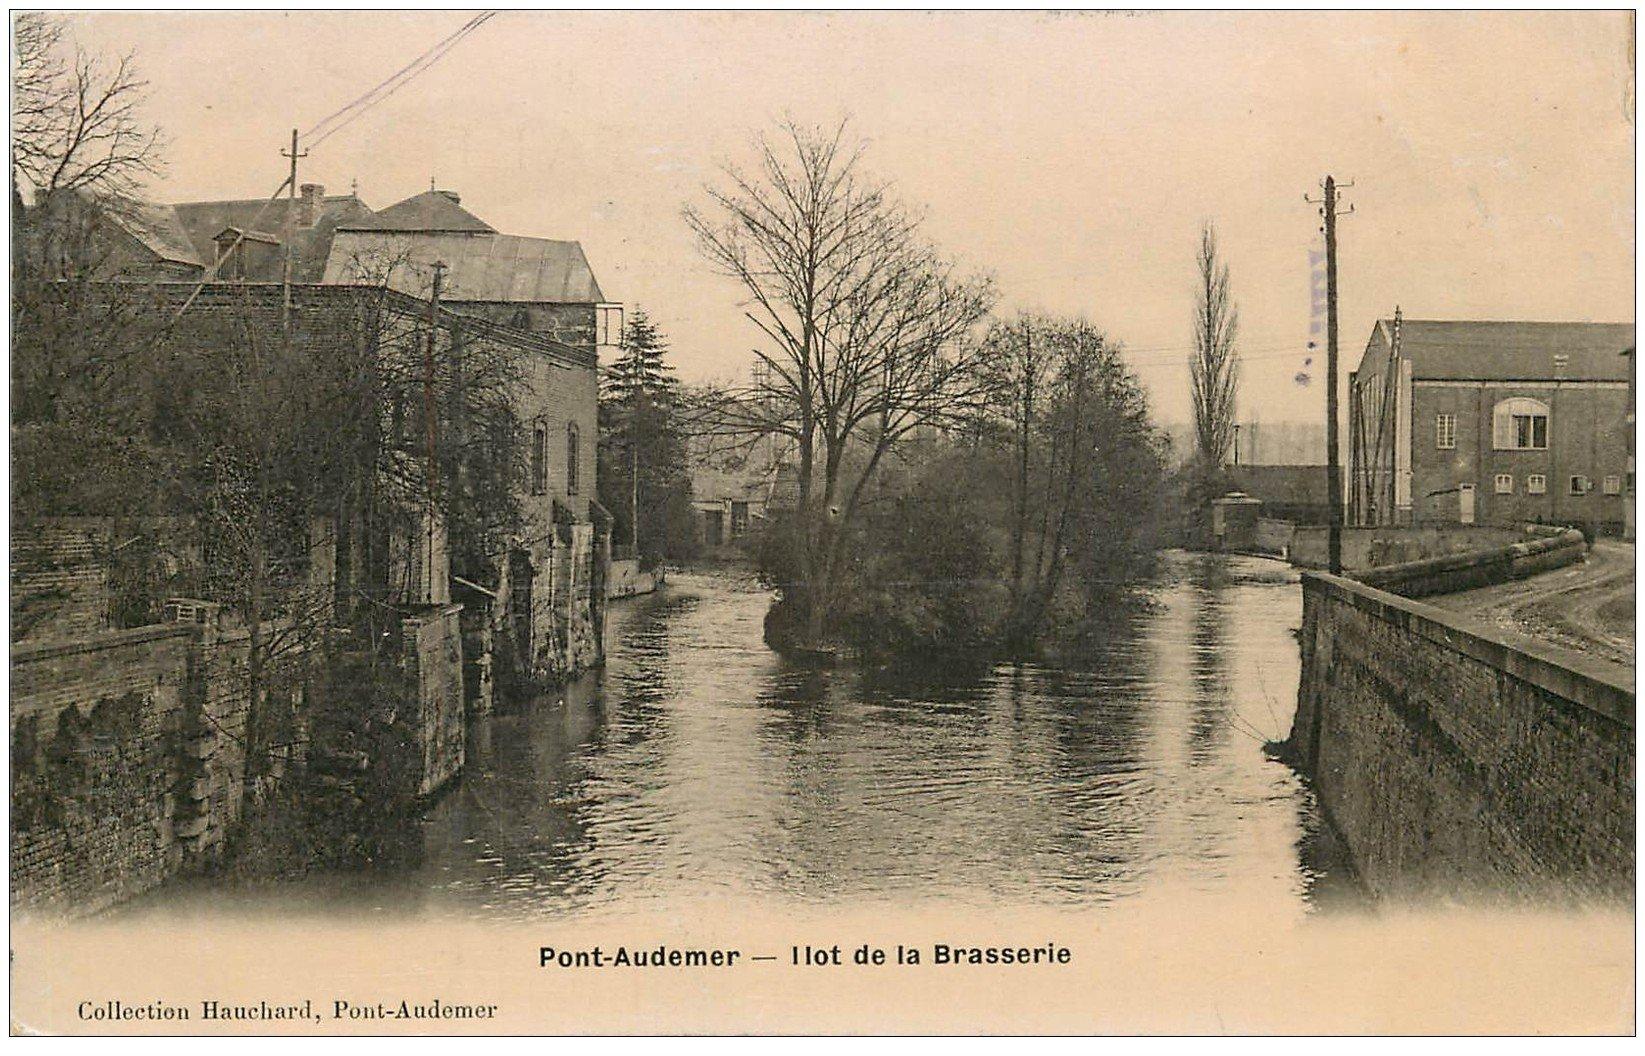 27 pont audemer ilot de la brasserie 1915 for Buro 27 pont audemer